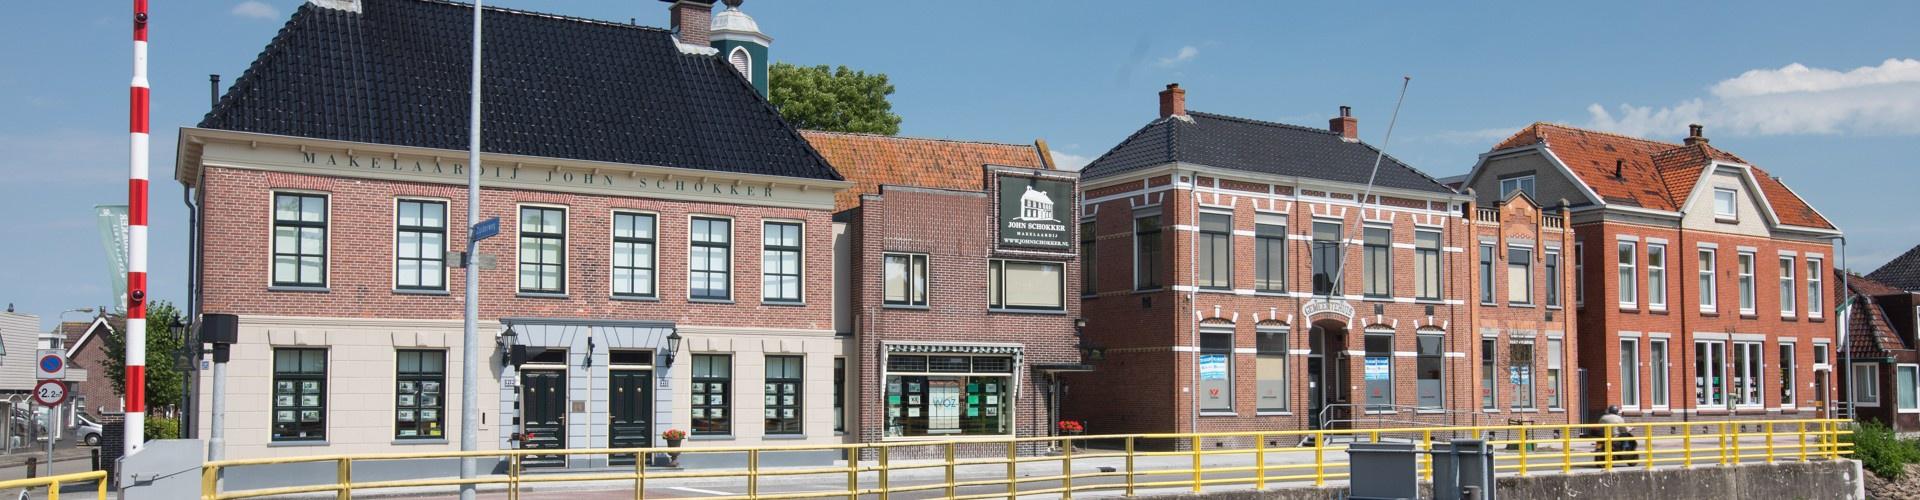 Hoogkerk Woonstad Groningen